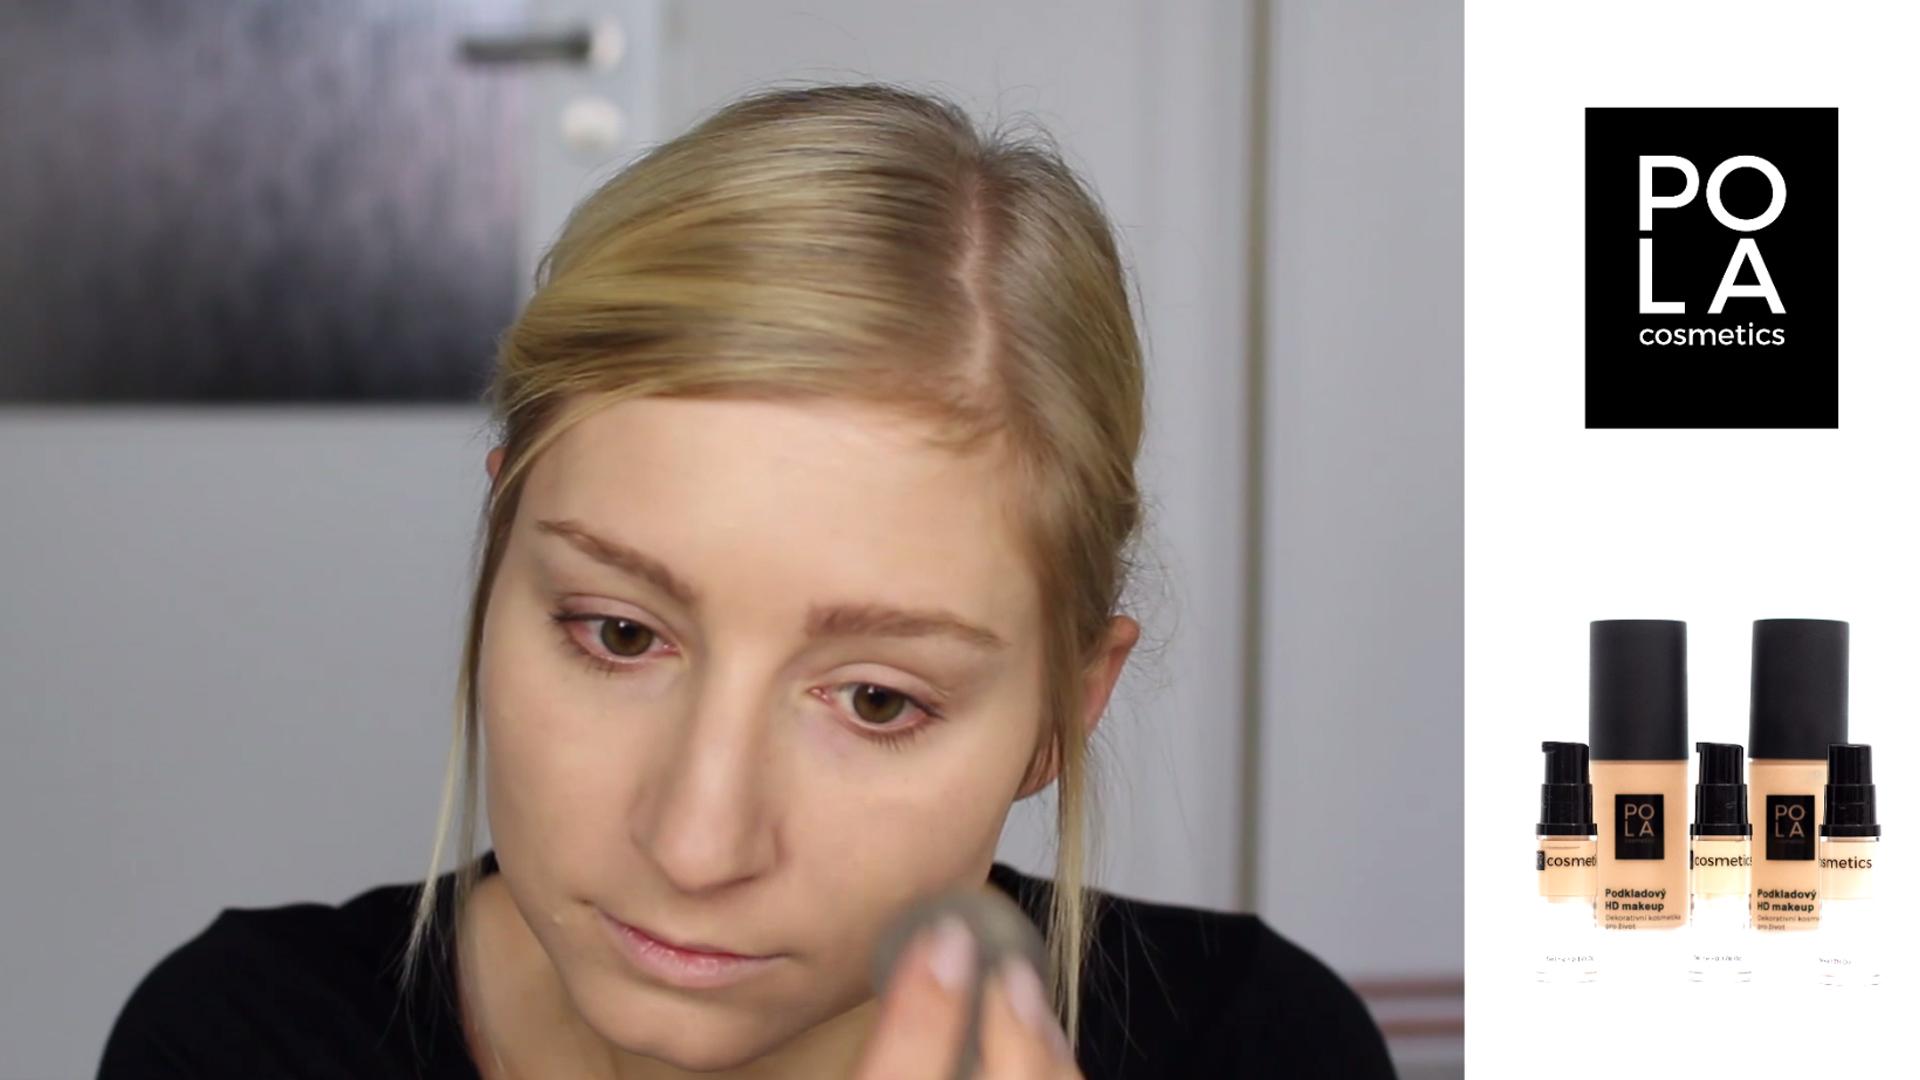 Testování a recenze HD makeupu Pola Cosmetics - flabgee - Eva Šedivá